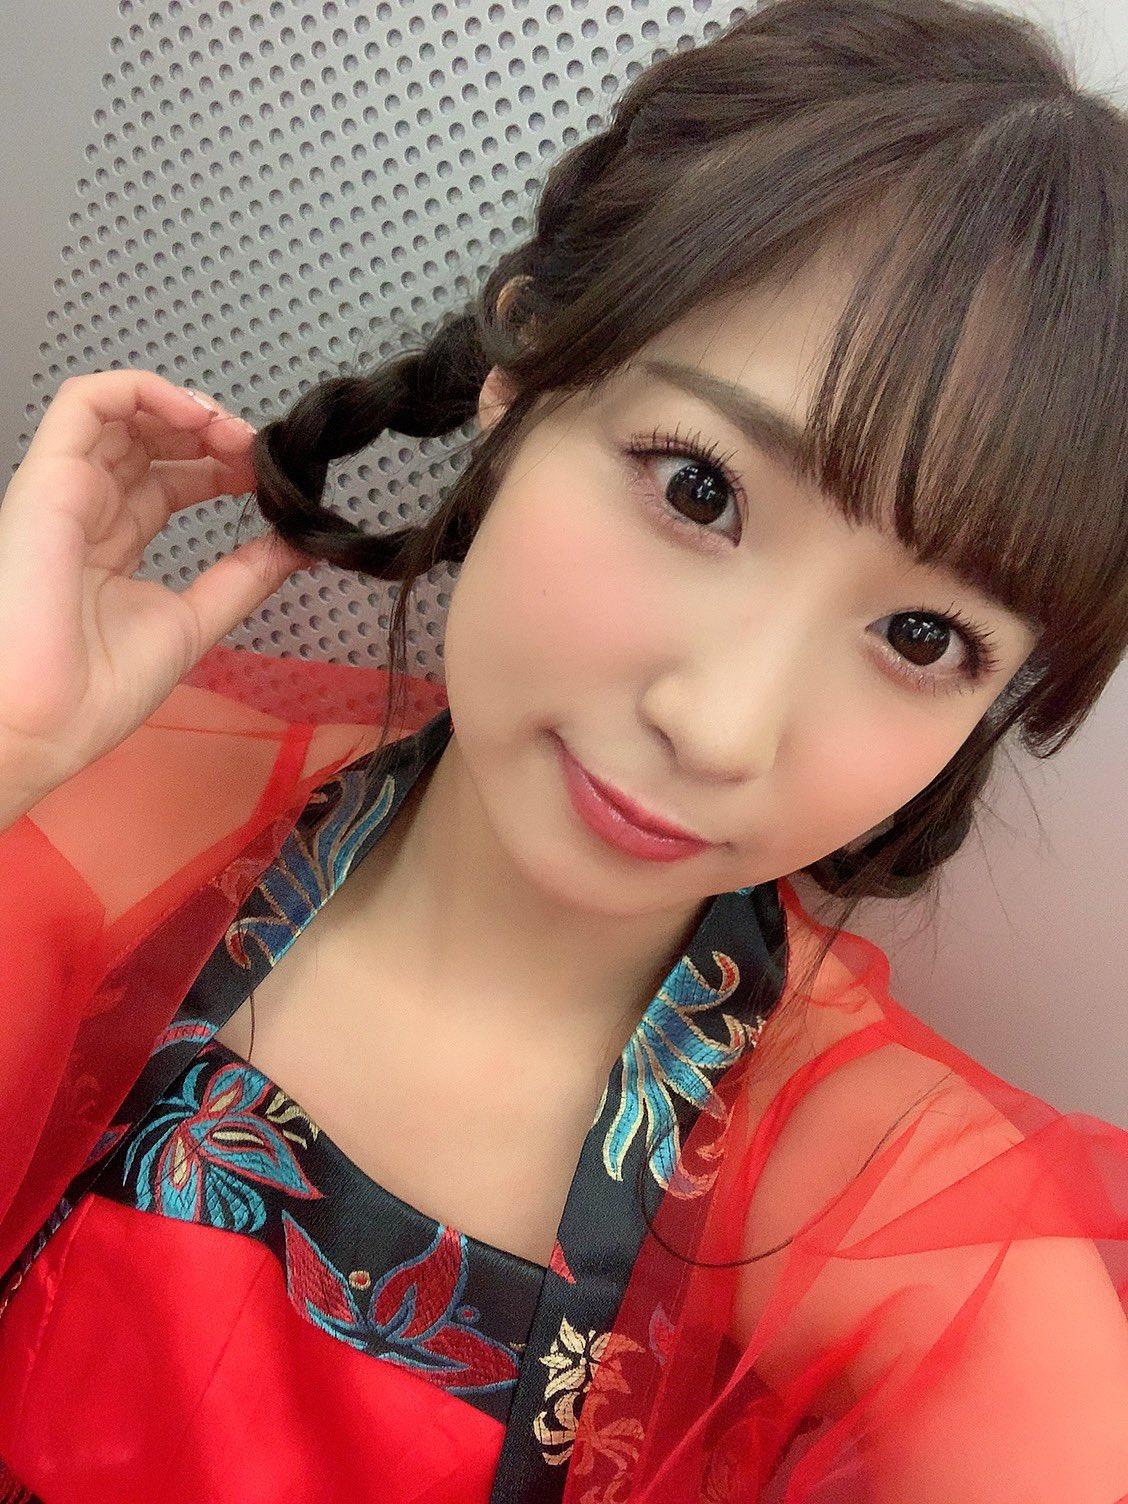 Noa_Eikawa 1208779876720791553_p0